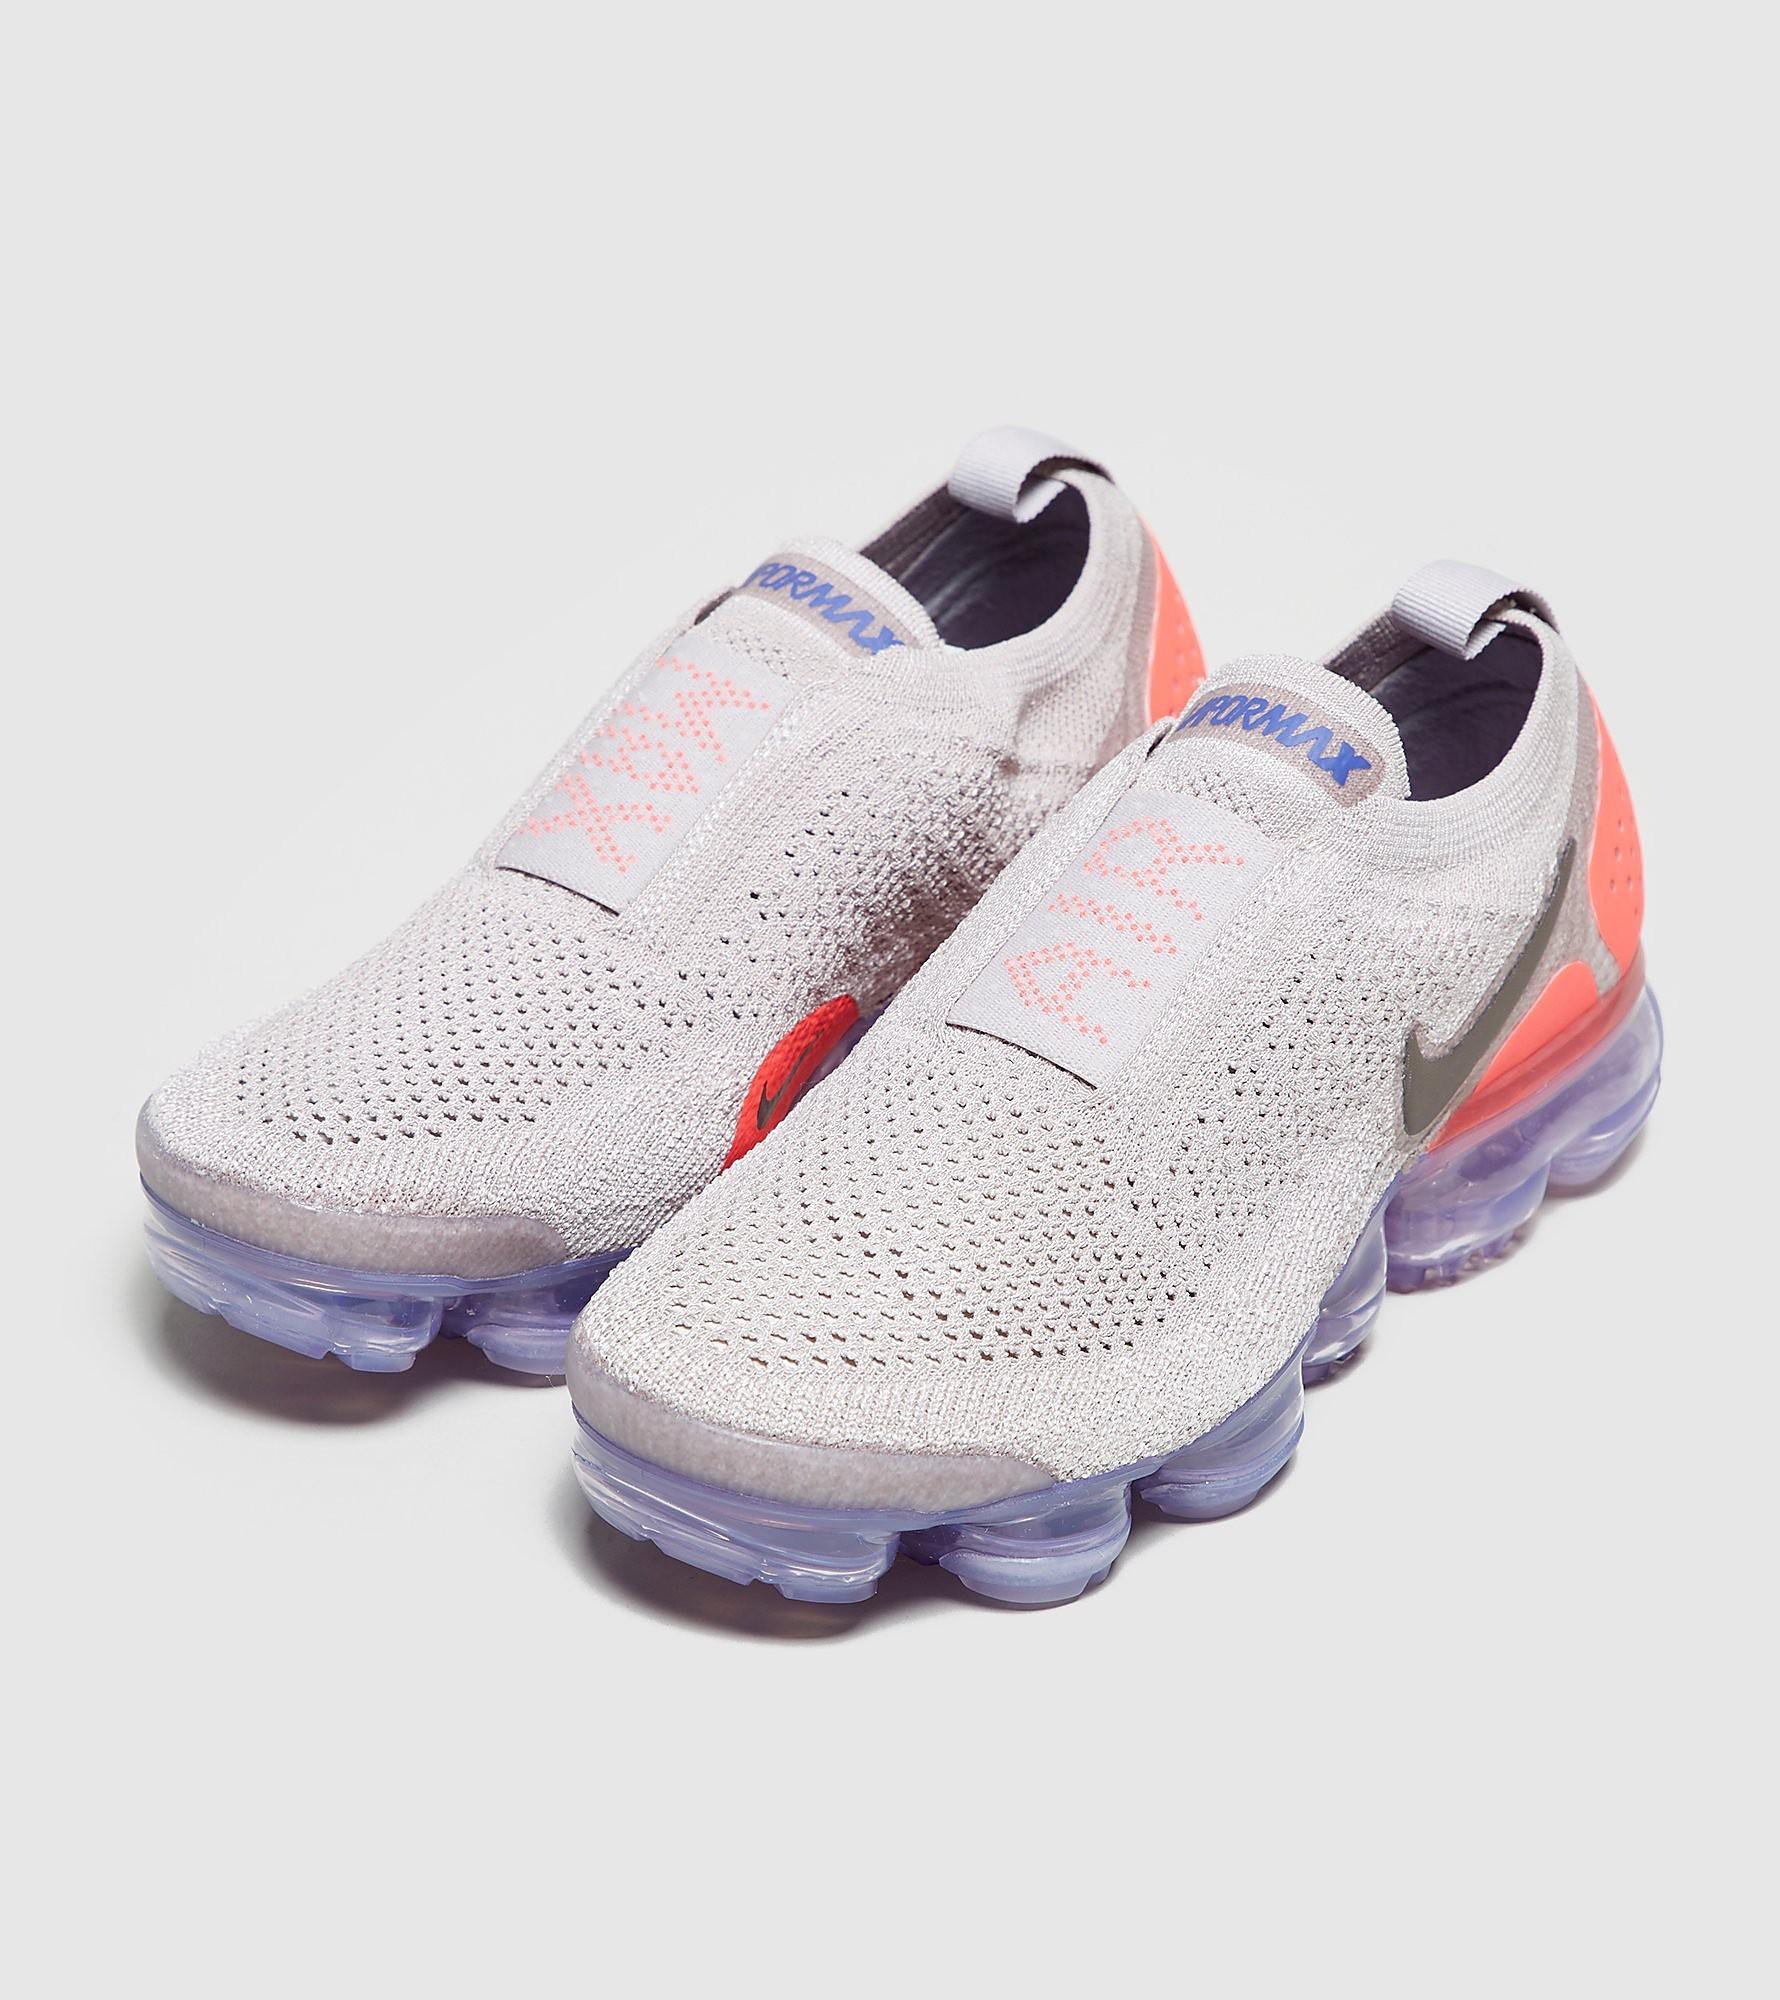 Nike VaporMax Flyknit Moc 2 Women's